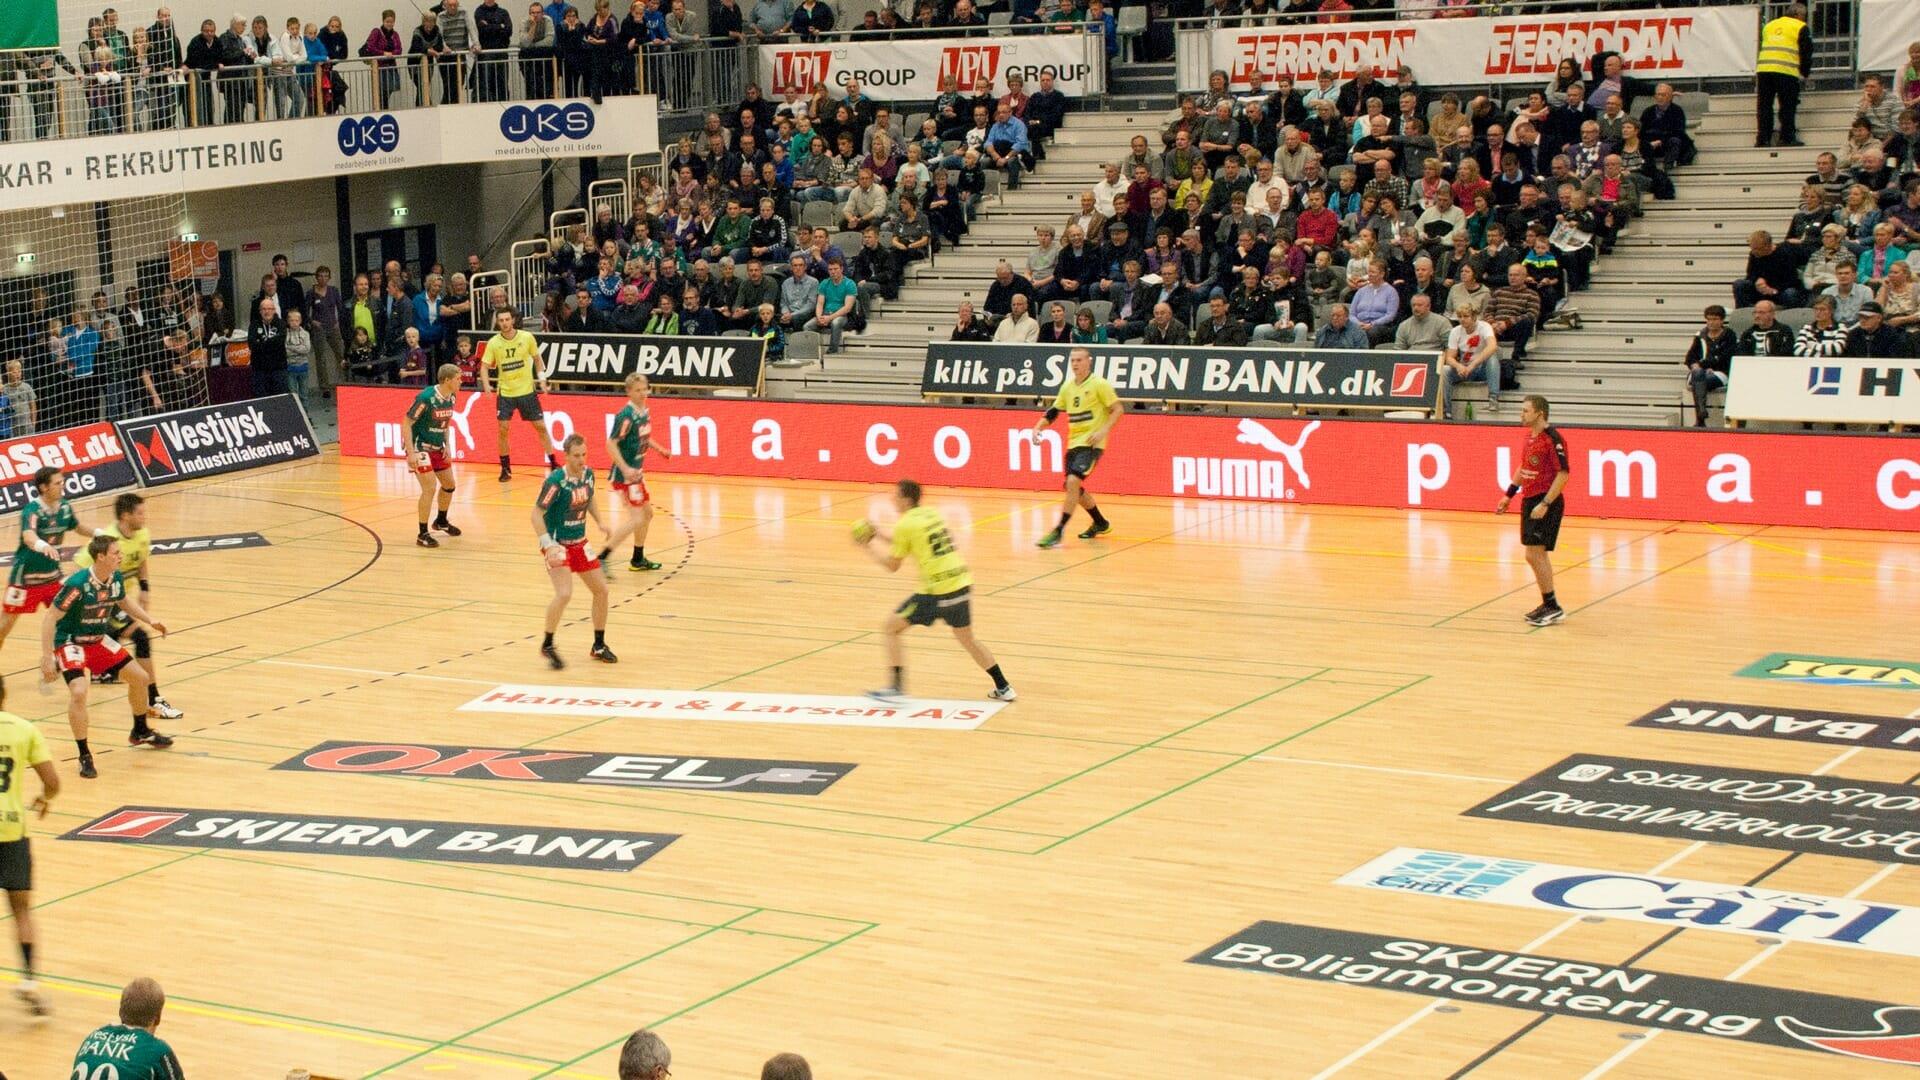 Handball-LEDperimeterDisplays